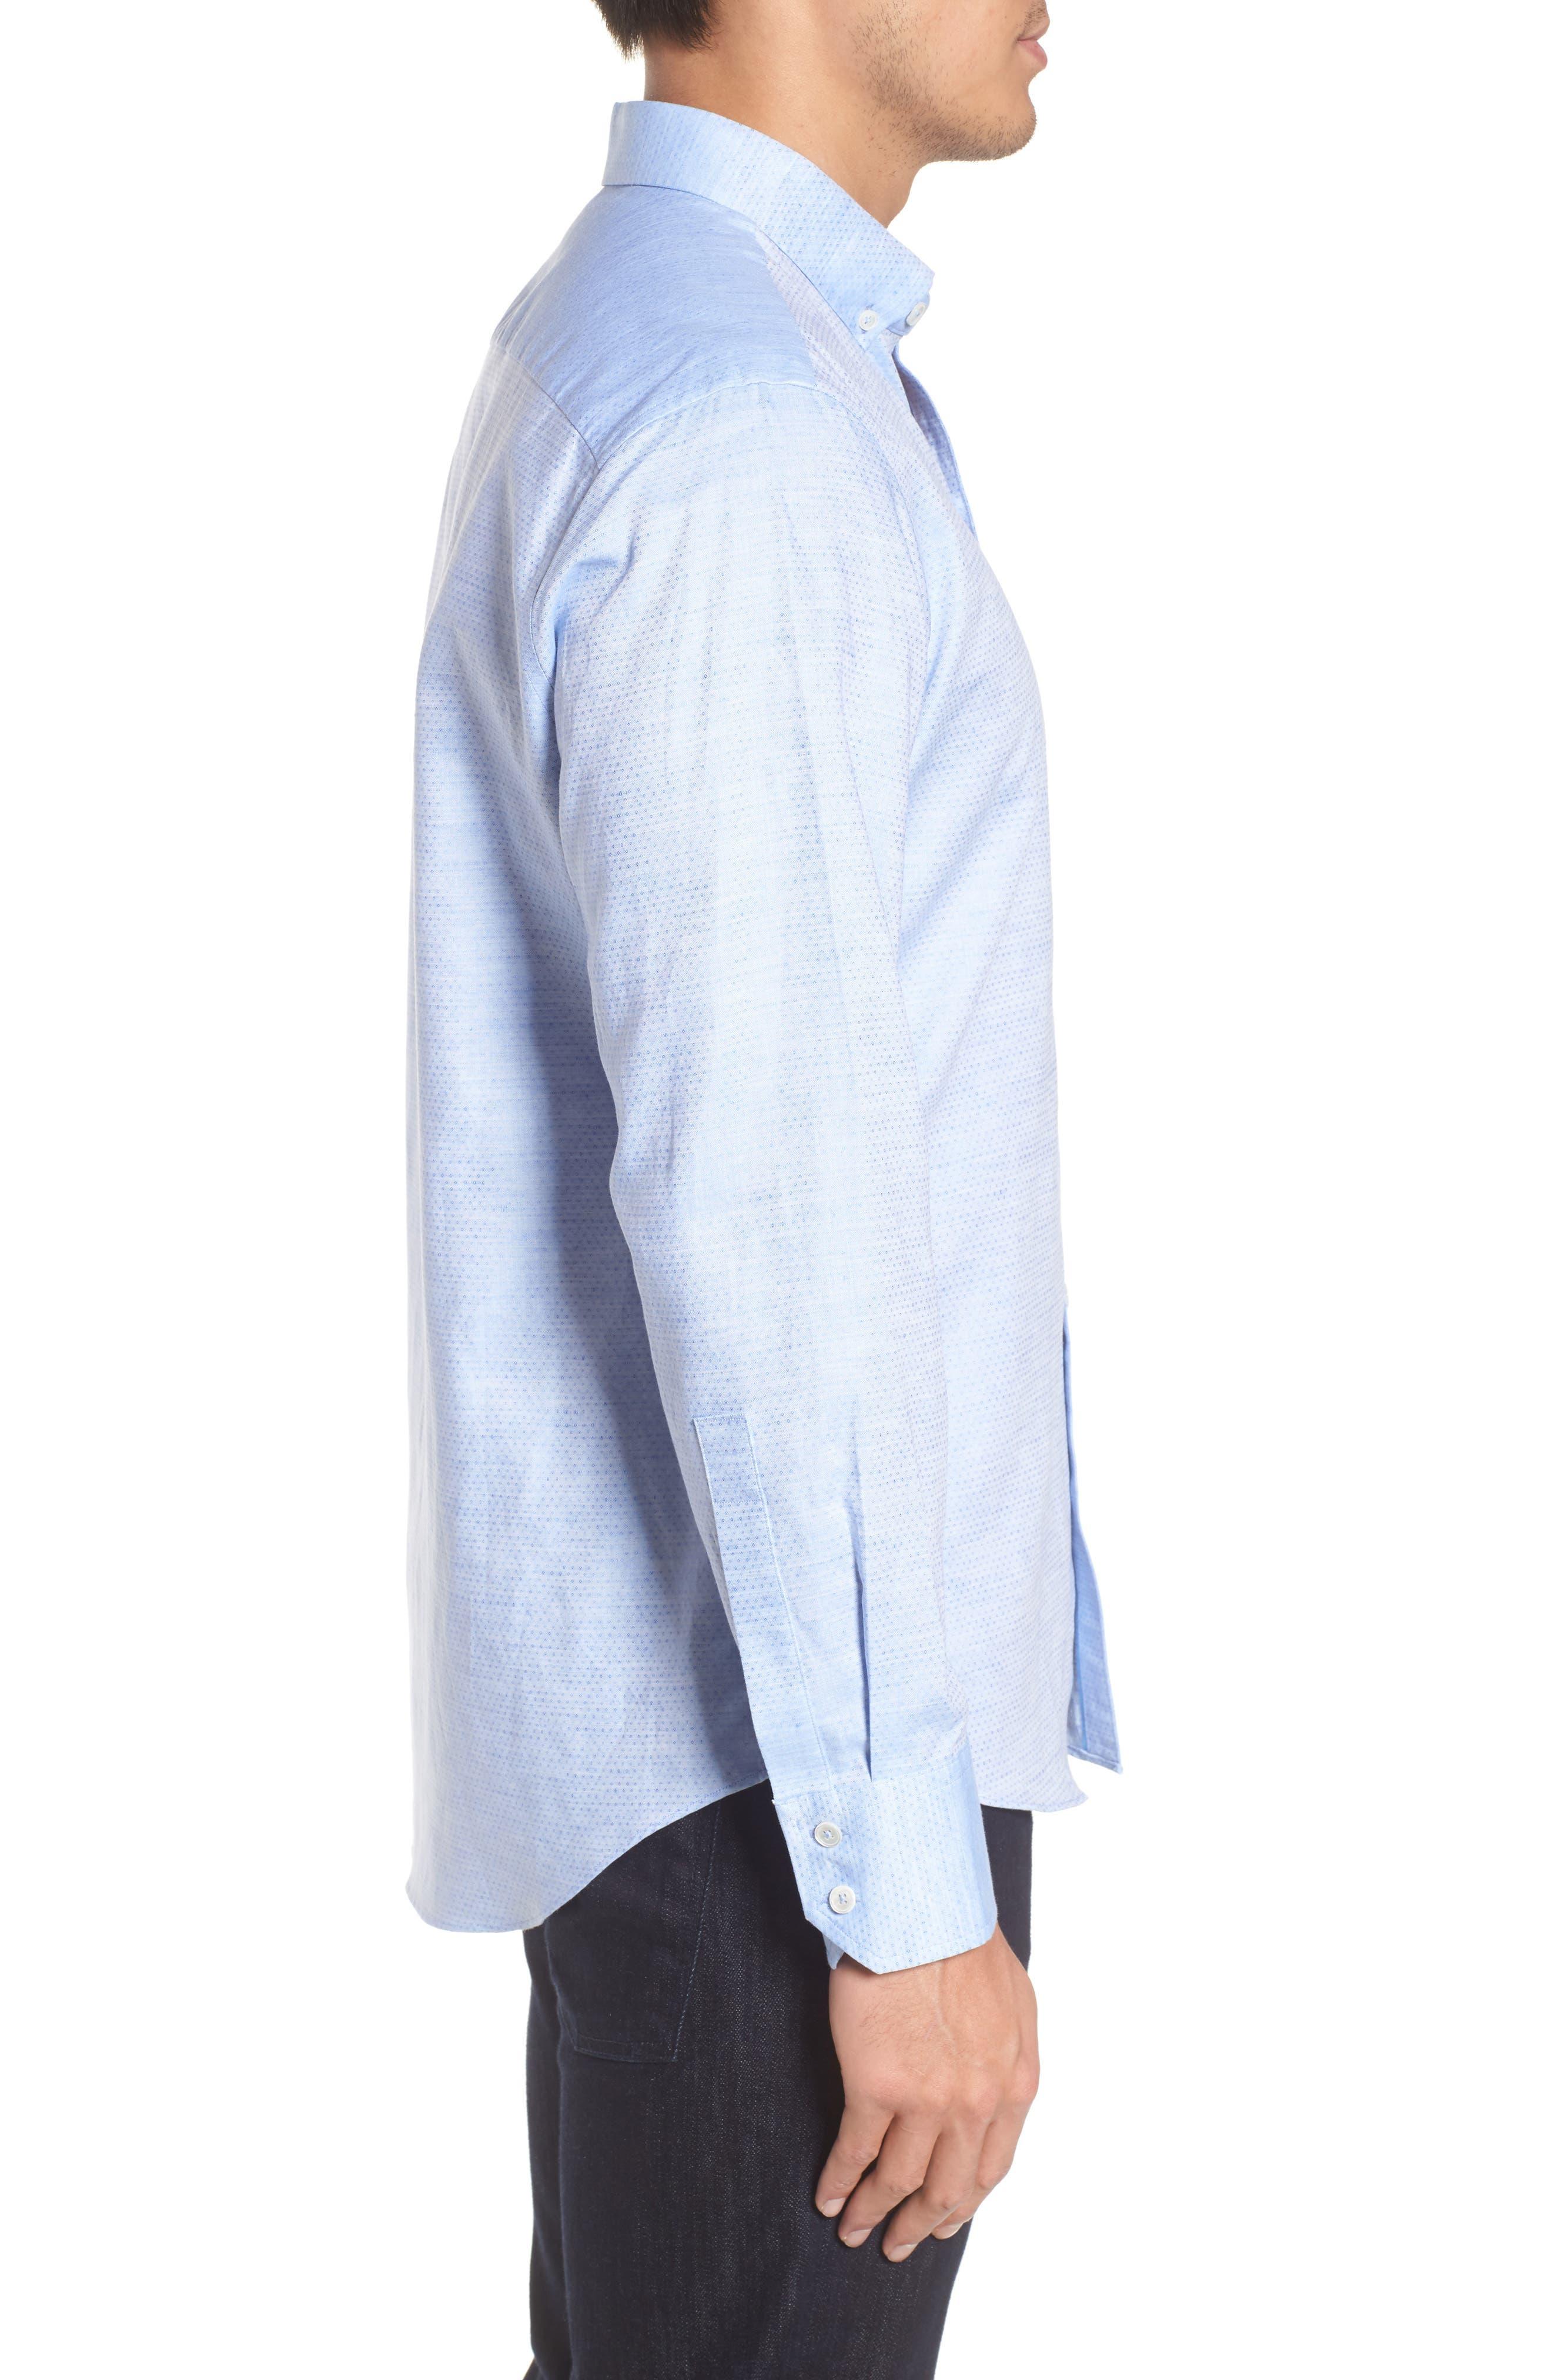 Gomis Regular Fit Dobby Sport Shirt,                             Alternate thumbnail 3, color,                             Light Blue